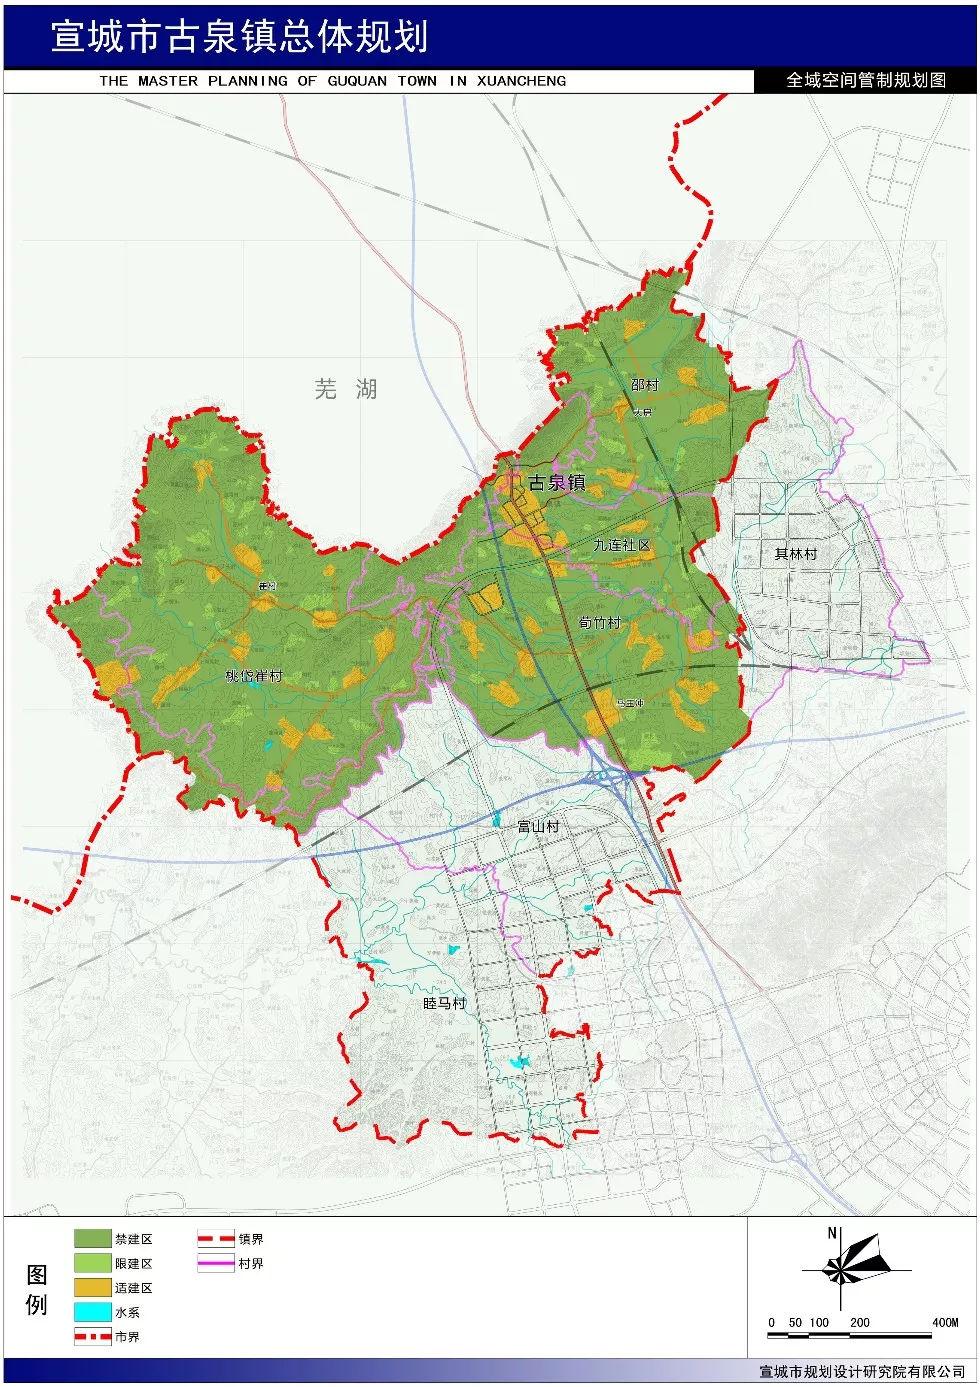 宣城市城市规划区范围内三乡镇总体规划进入批前公示阶段!